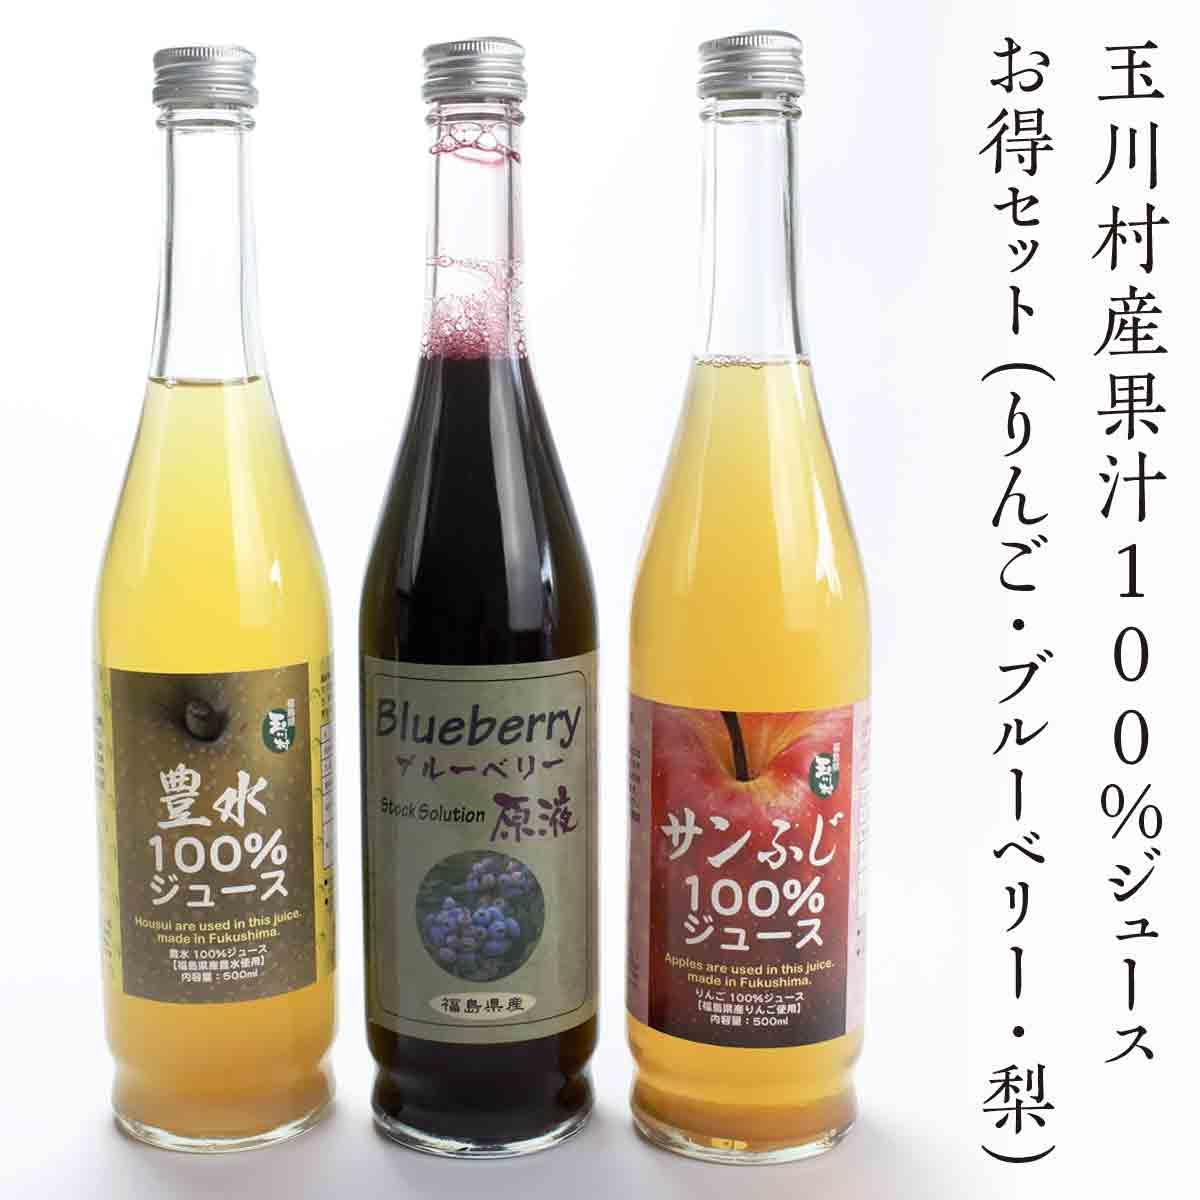 【ふるさと納税】 FT18-020 玉川村産果汁100%ジュースお得セット(りんご・ブルーベリー・梨)